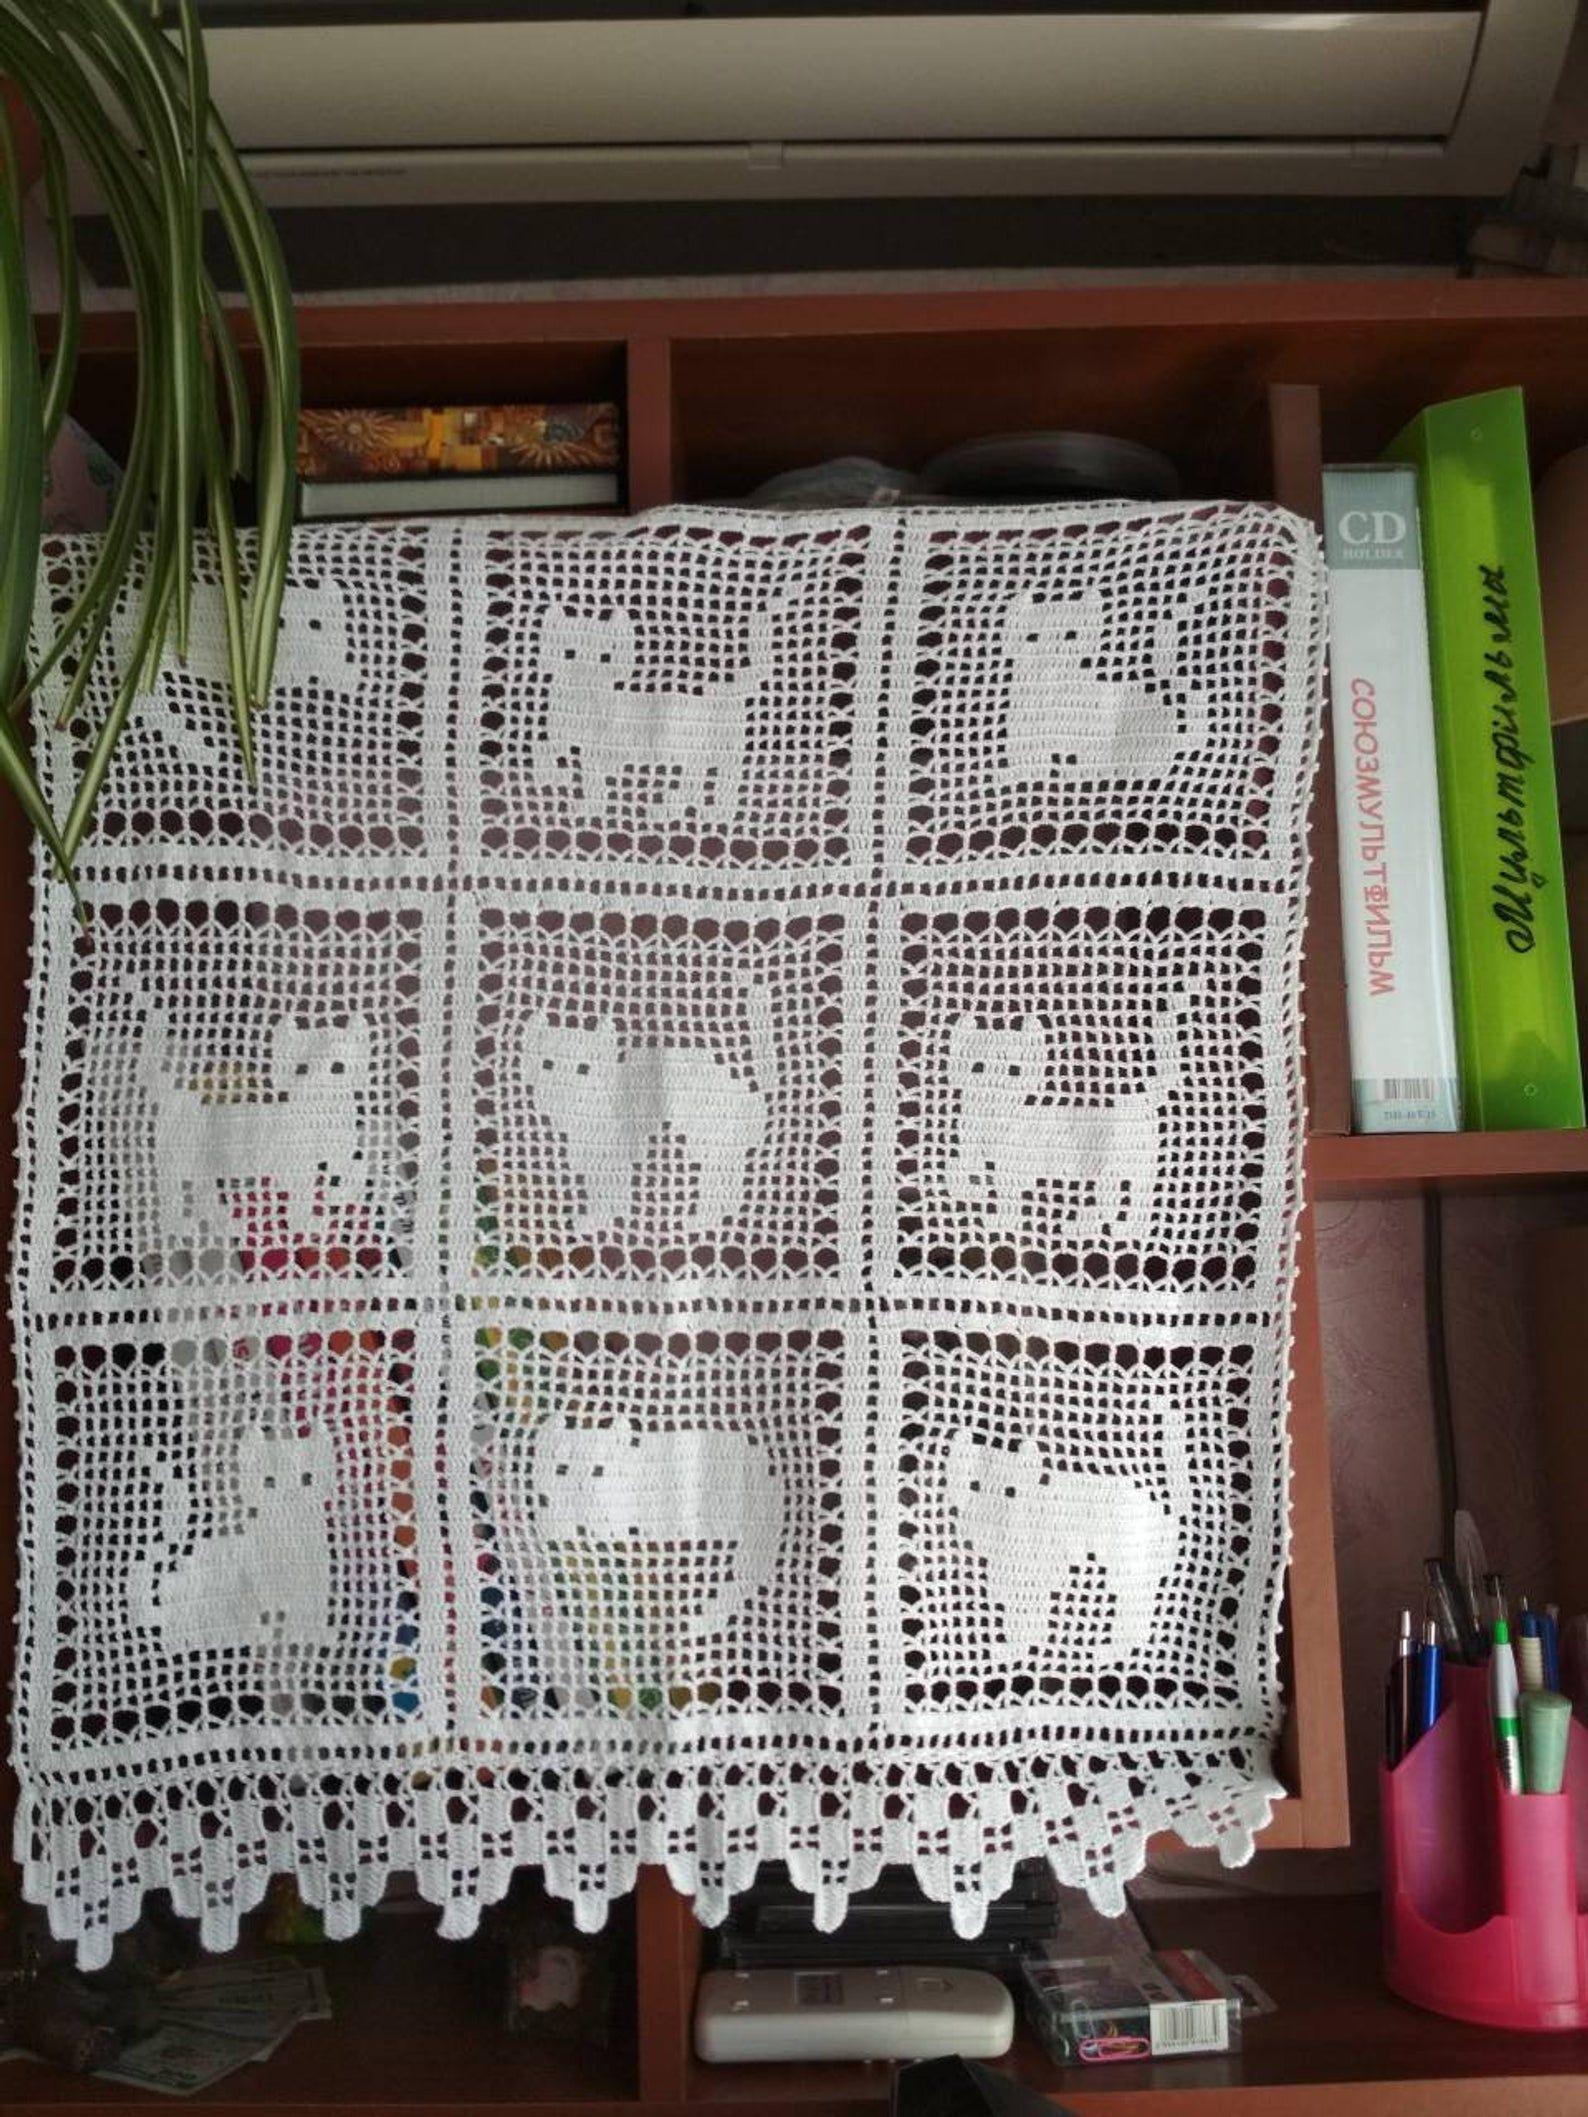 Rideaux au crochet, rideau de coton à la main, rideaux de chat céleste, rideau au crochet en dentelle, crochet fait à la main avec filet FAIT SUR COMMANDE 14 D   – Katzen Tiere